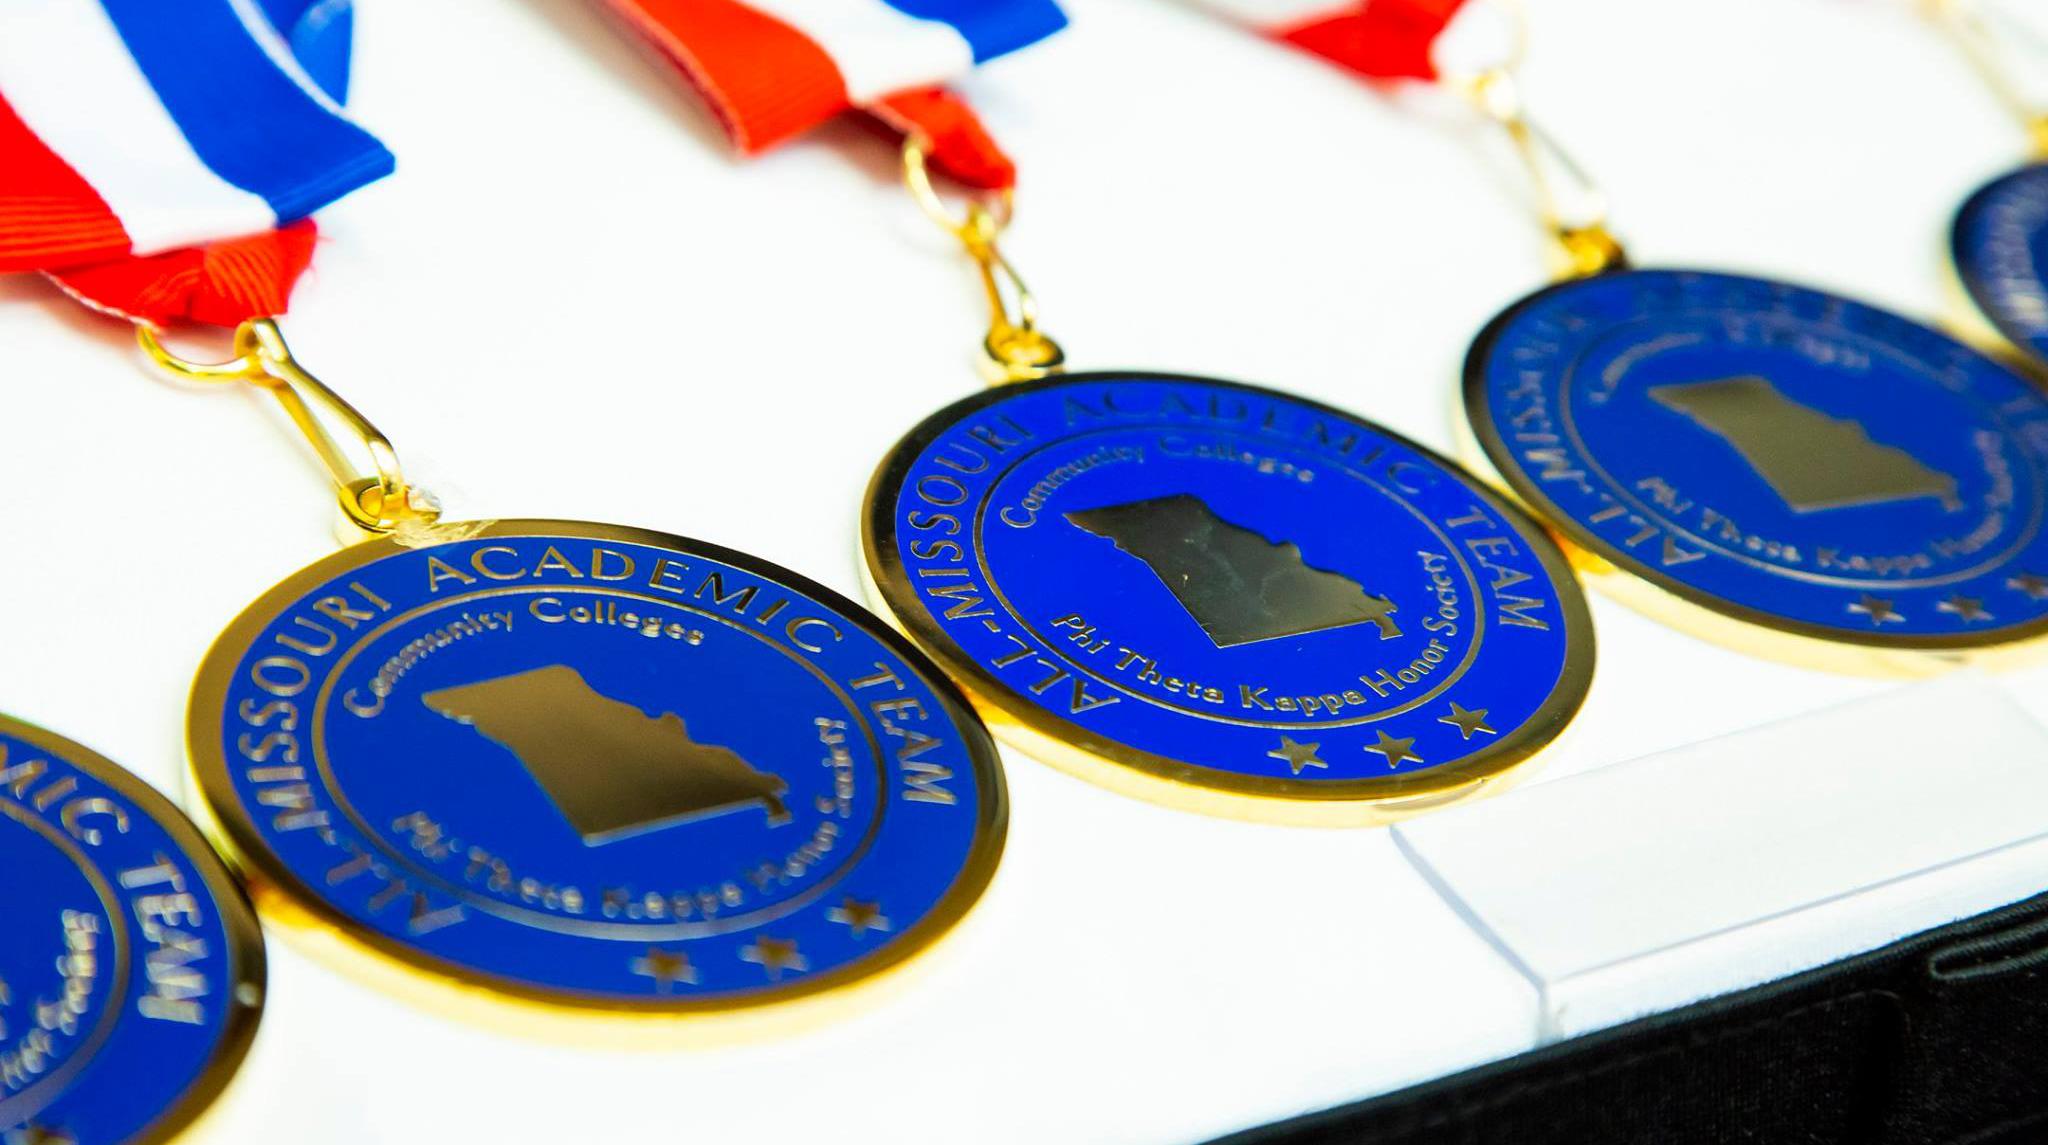 ptk medallions